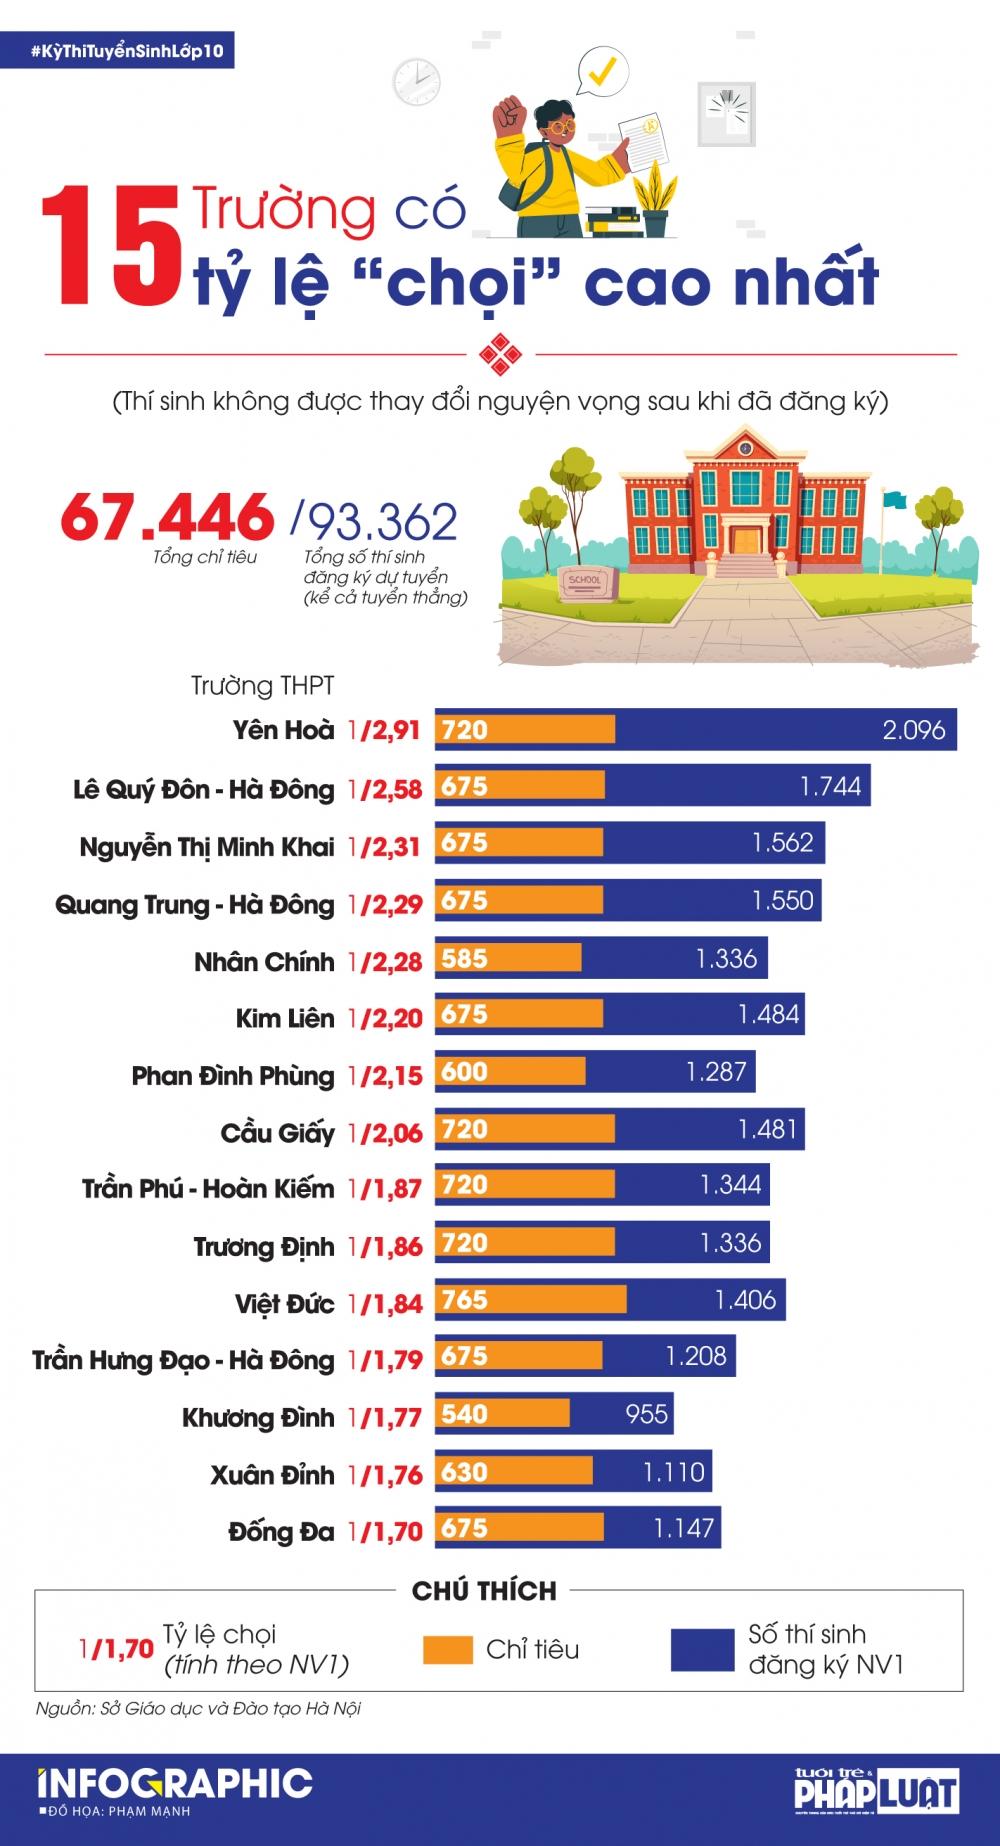 15 trường THPT có tỷ lệ